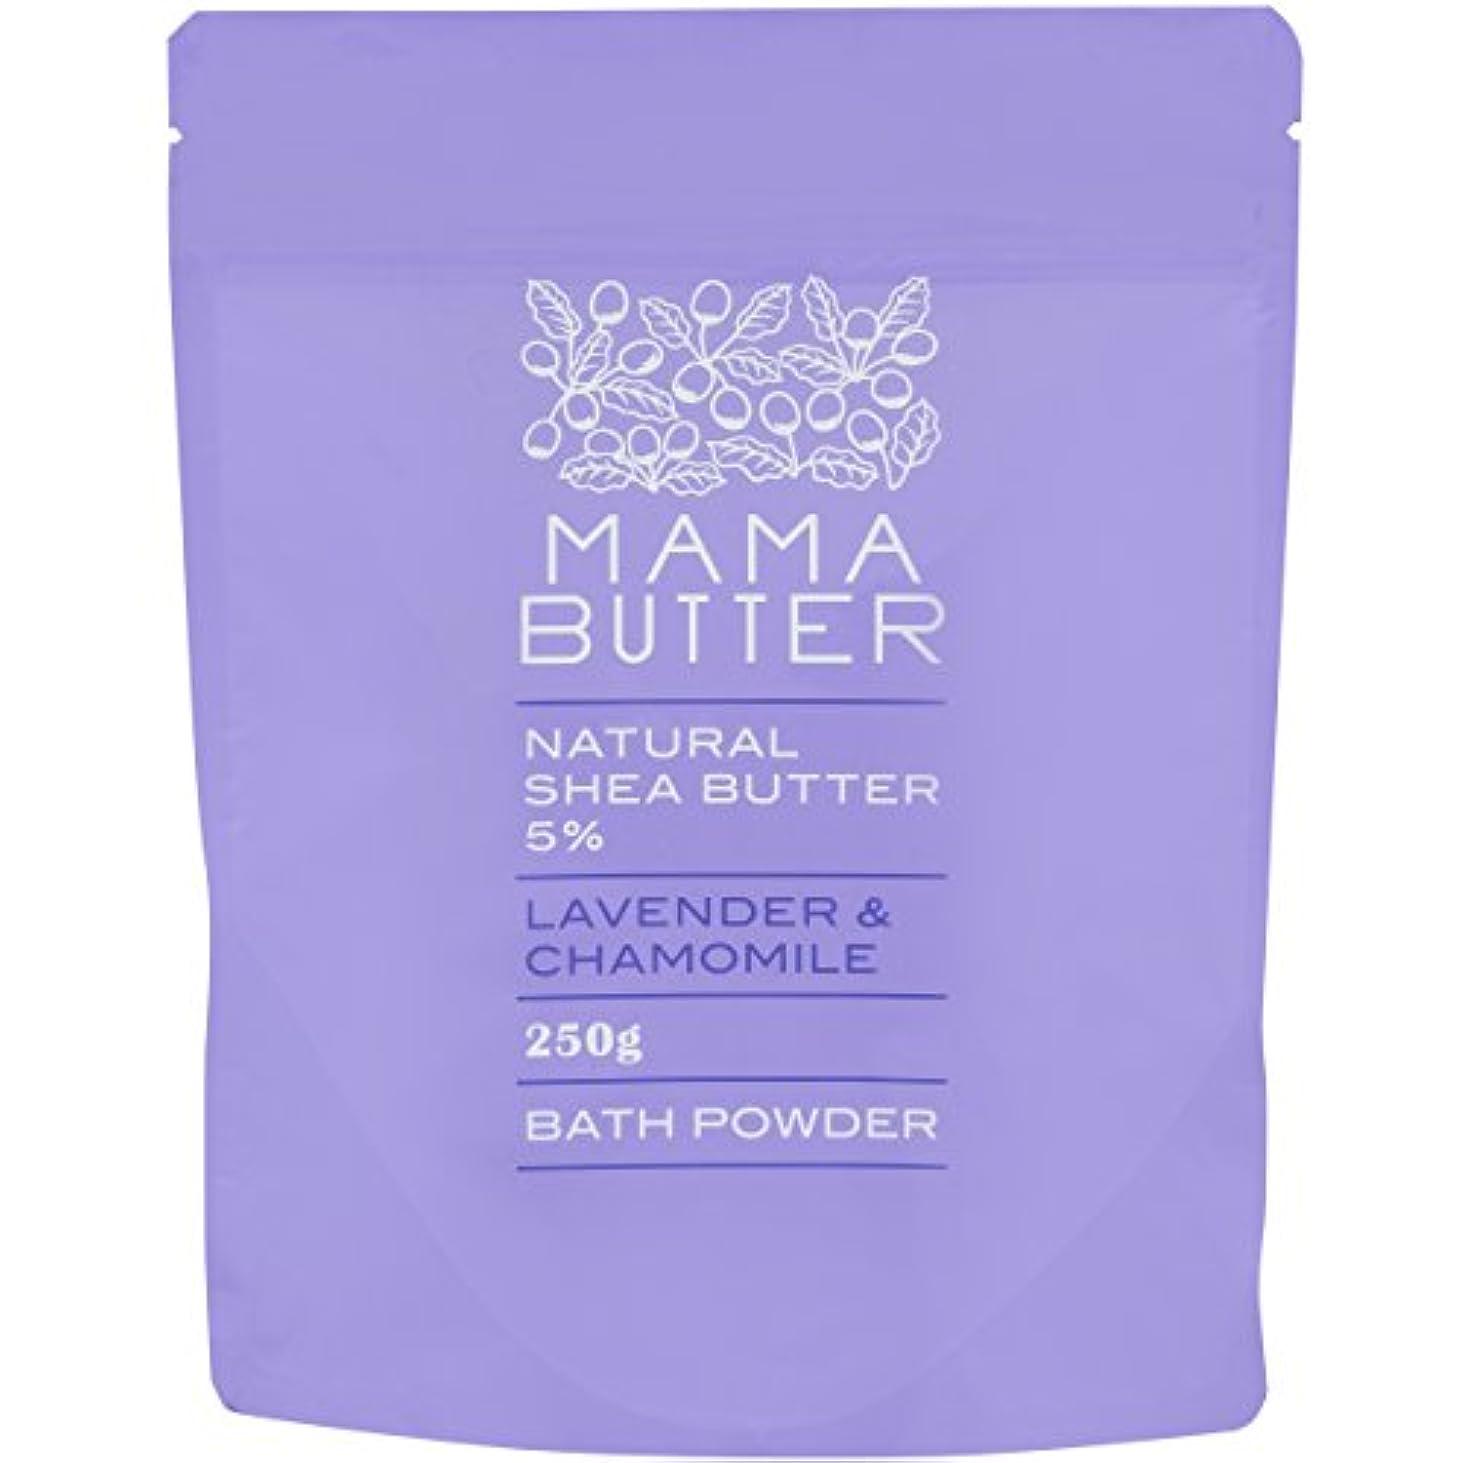 暴力的な恐怖症言うママバター ナチュラル バスパウダー ラベンダー&カモミールの香り 250g